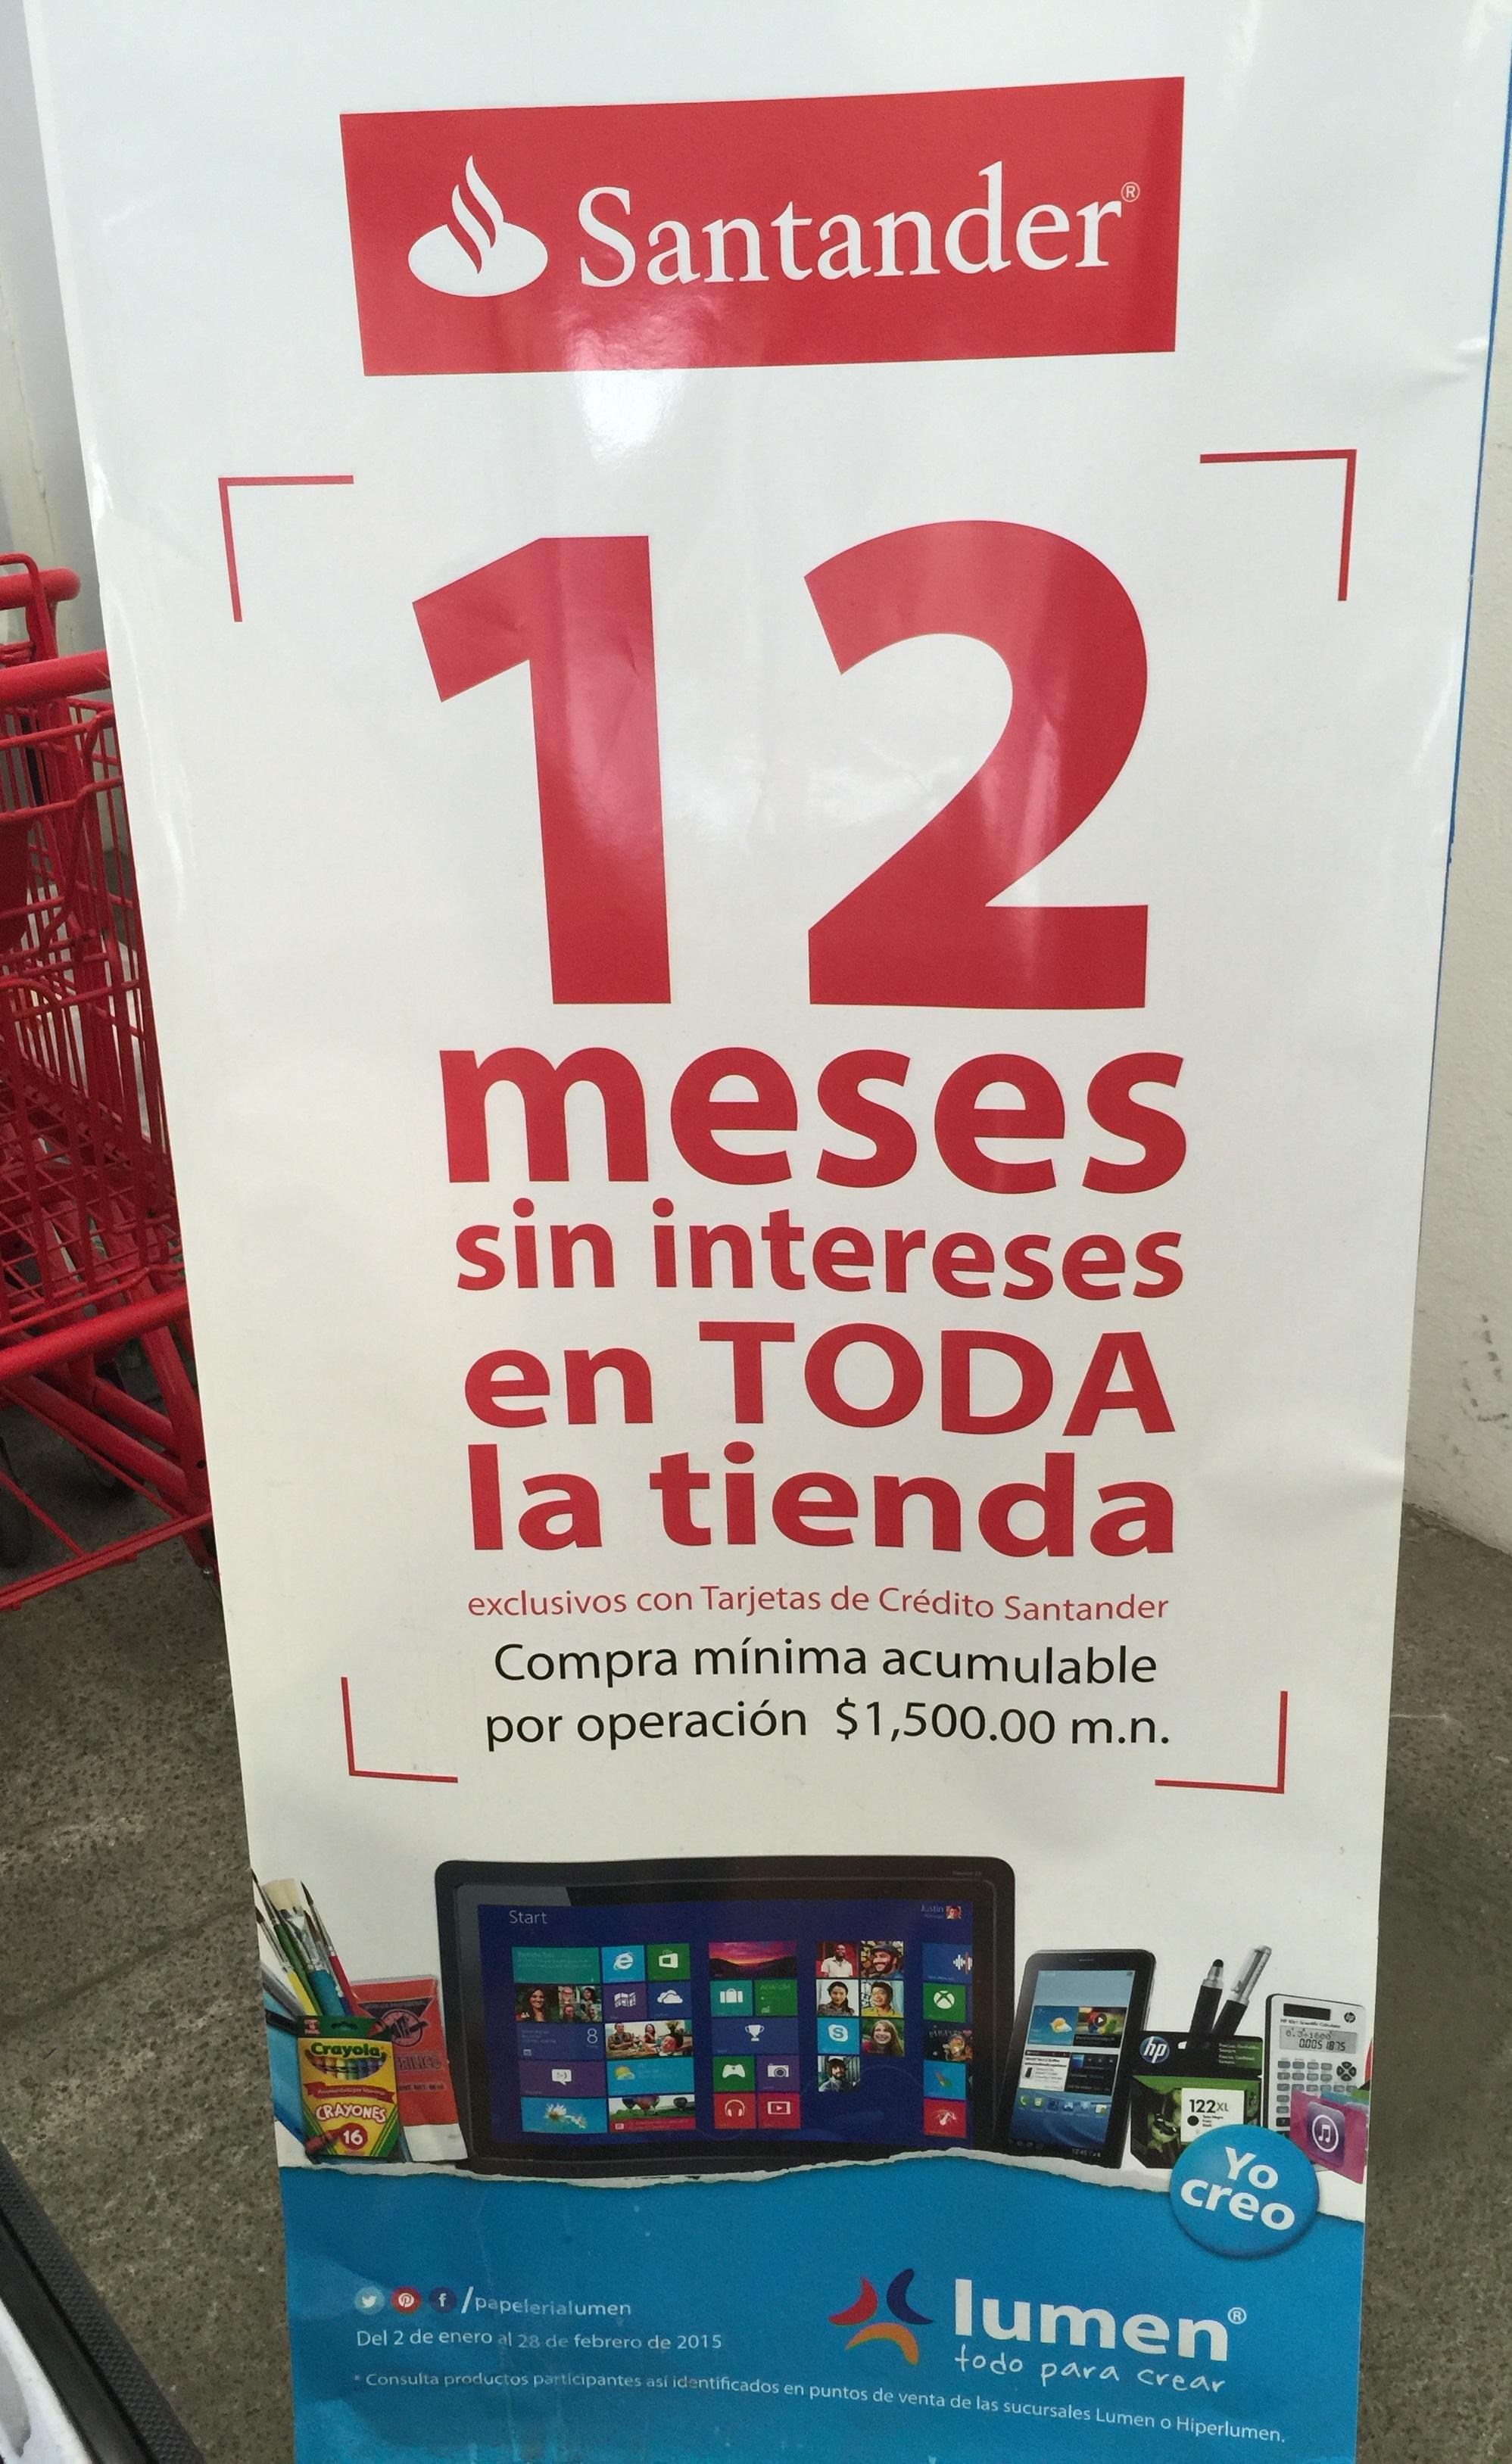 Toda la tienda Lumen 12 meses sin intereses con Santander